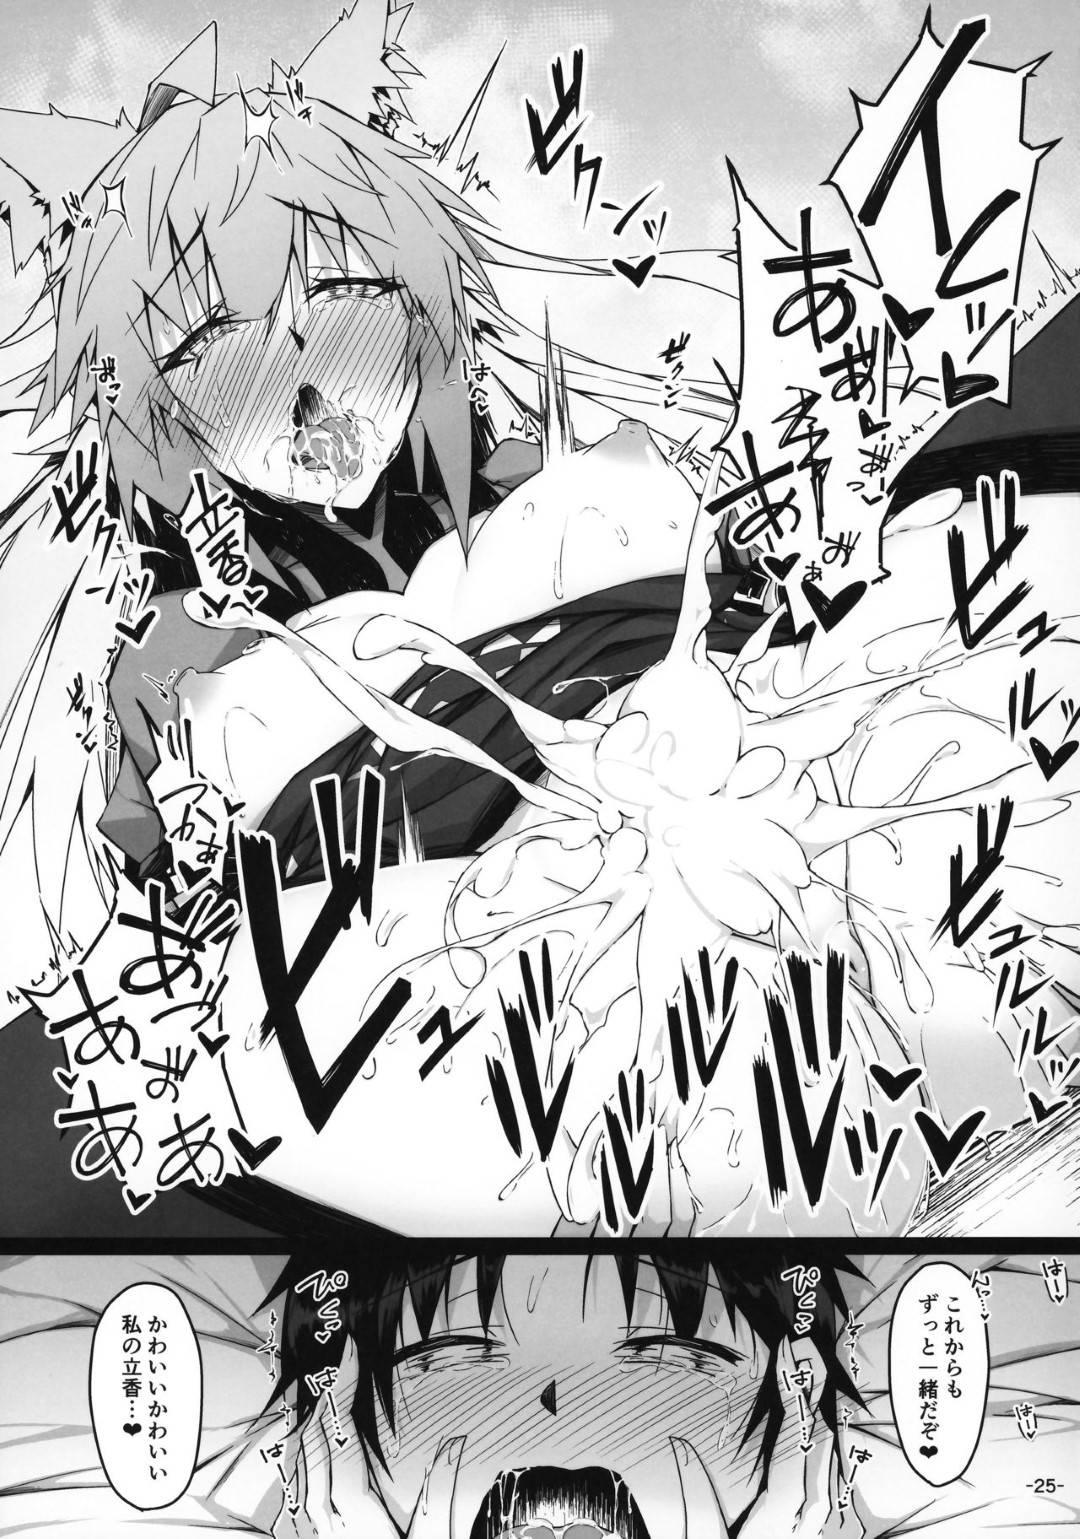 【fateエロ漫画】性欲を抑えきれなくなってショタマスターを夜這いするアタランテ。オナニーだけじゃ我慢できなくなった彼女は寝ている彼のショタチンポを貪るようにフェラチオし口内射精&顔射させる!そして困惑するマスターにお構い無しで騎乗位生挿入するのだった。【eK-SHOP】